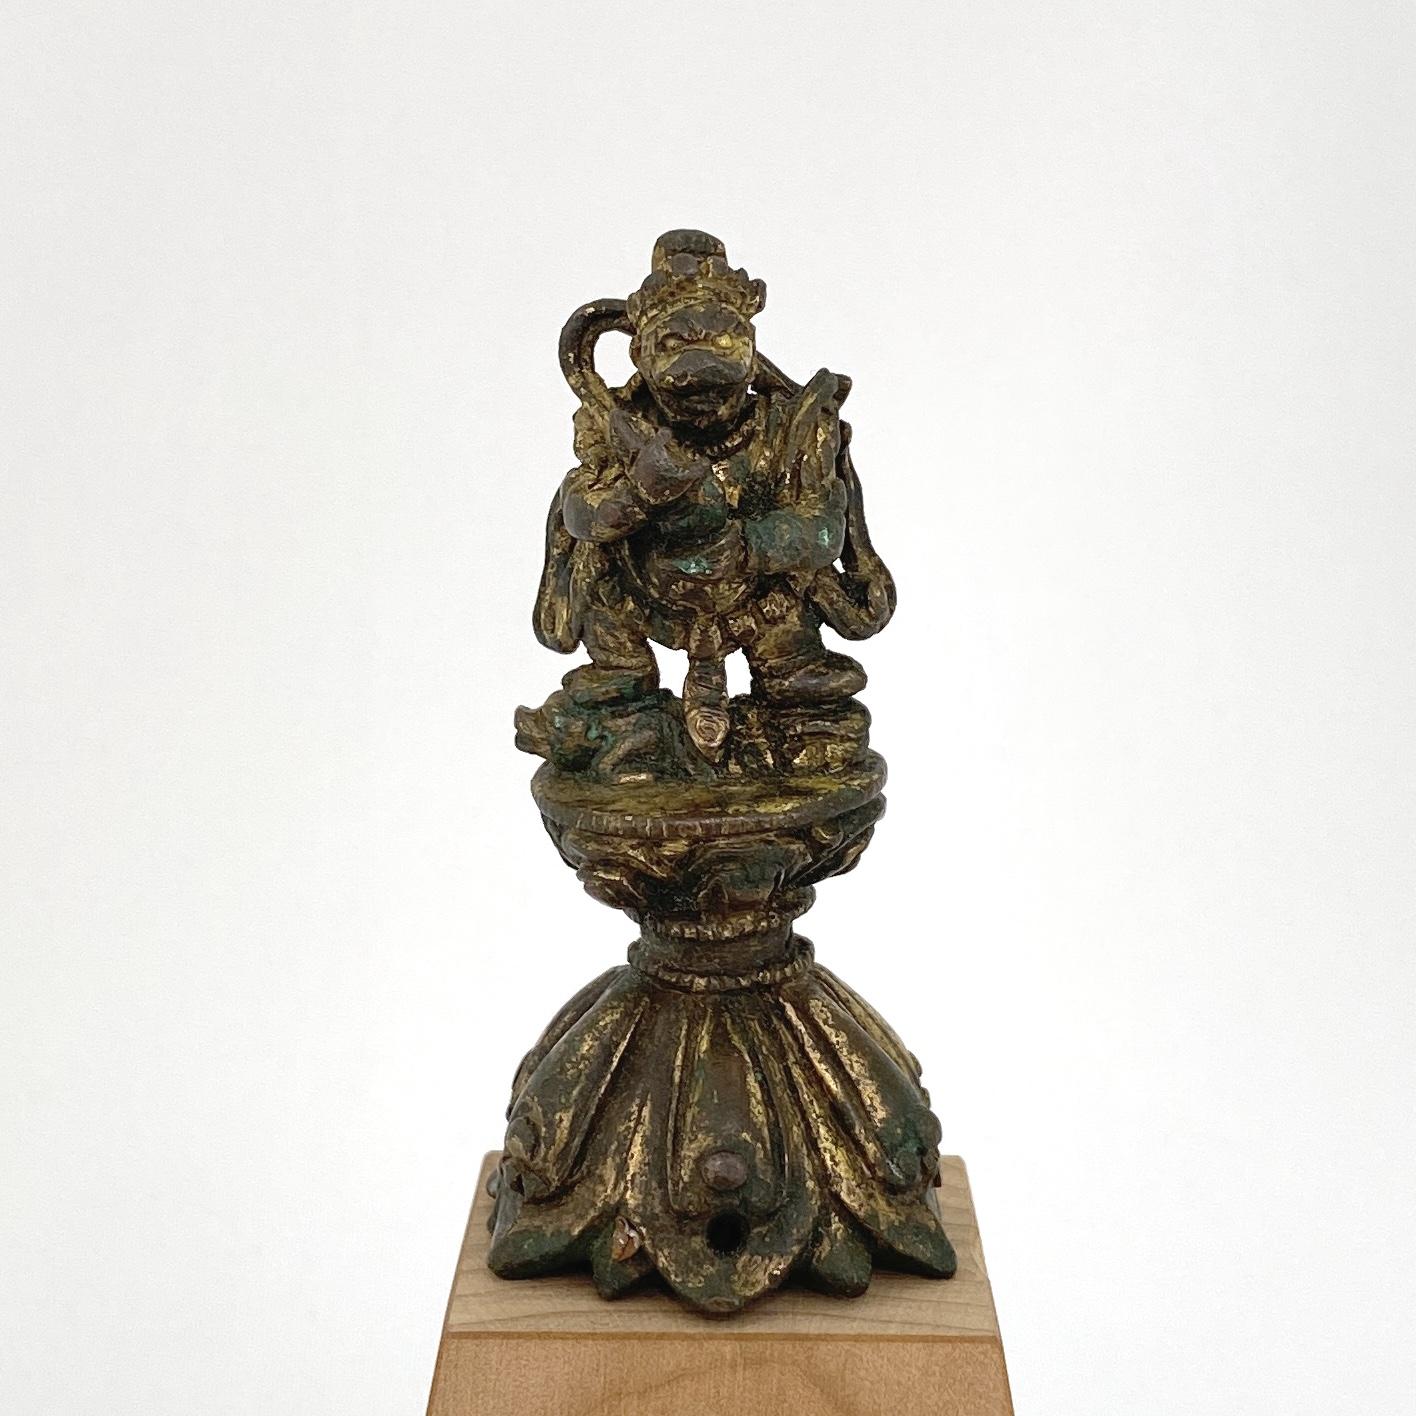 10013十四/十五世紀 銅鎏金 財寶天